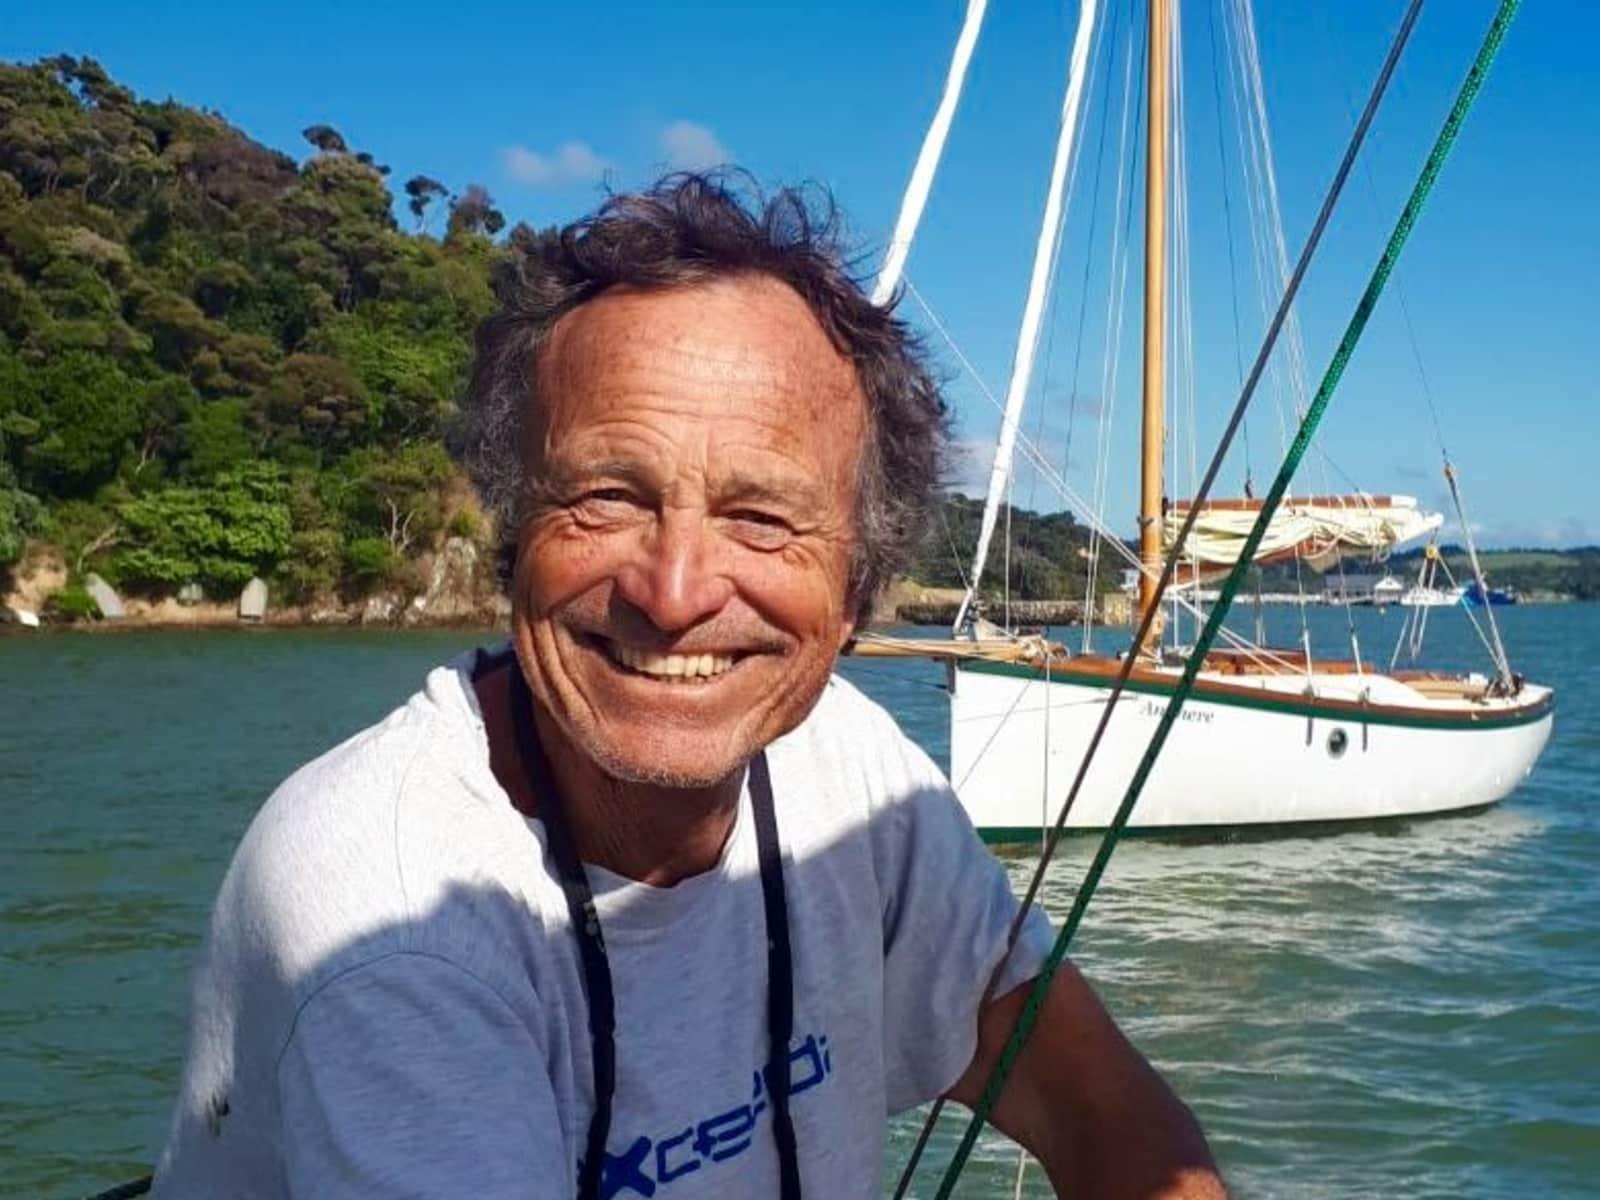 John from Opua, New Zealand